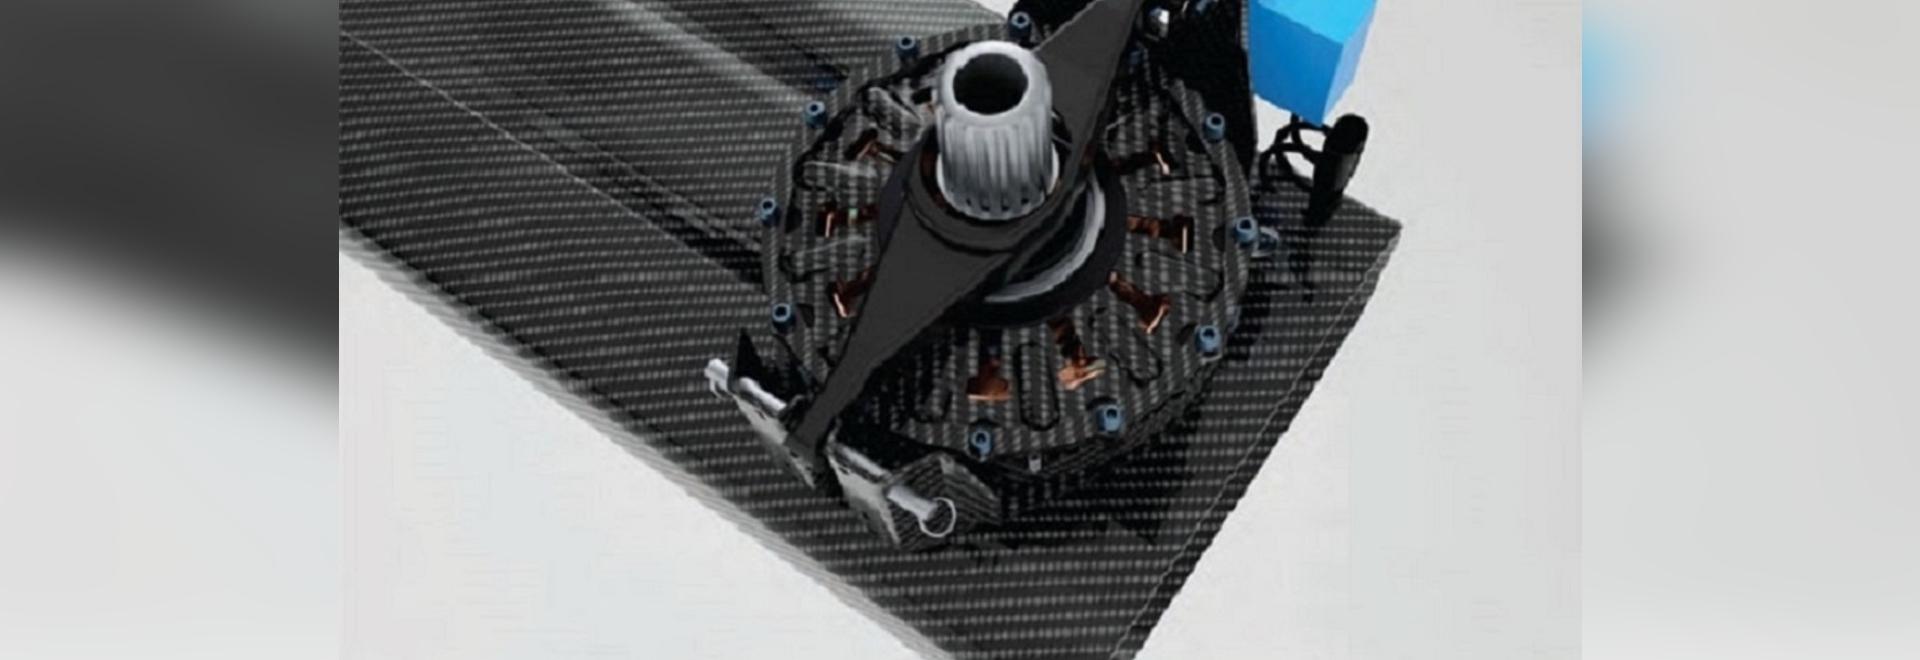 nein, it's keine Superbike-Kupplung der nächsten Generation; it's die Vollcarbon-Kupplung aus einem AC75-Schleifersockel, die wirklich nahtlose Schaltvorgänge ermöglicht. Entwickelt von Harken und ...